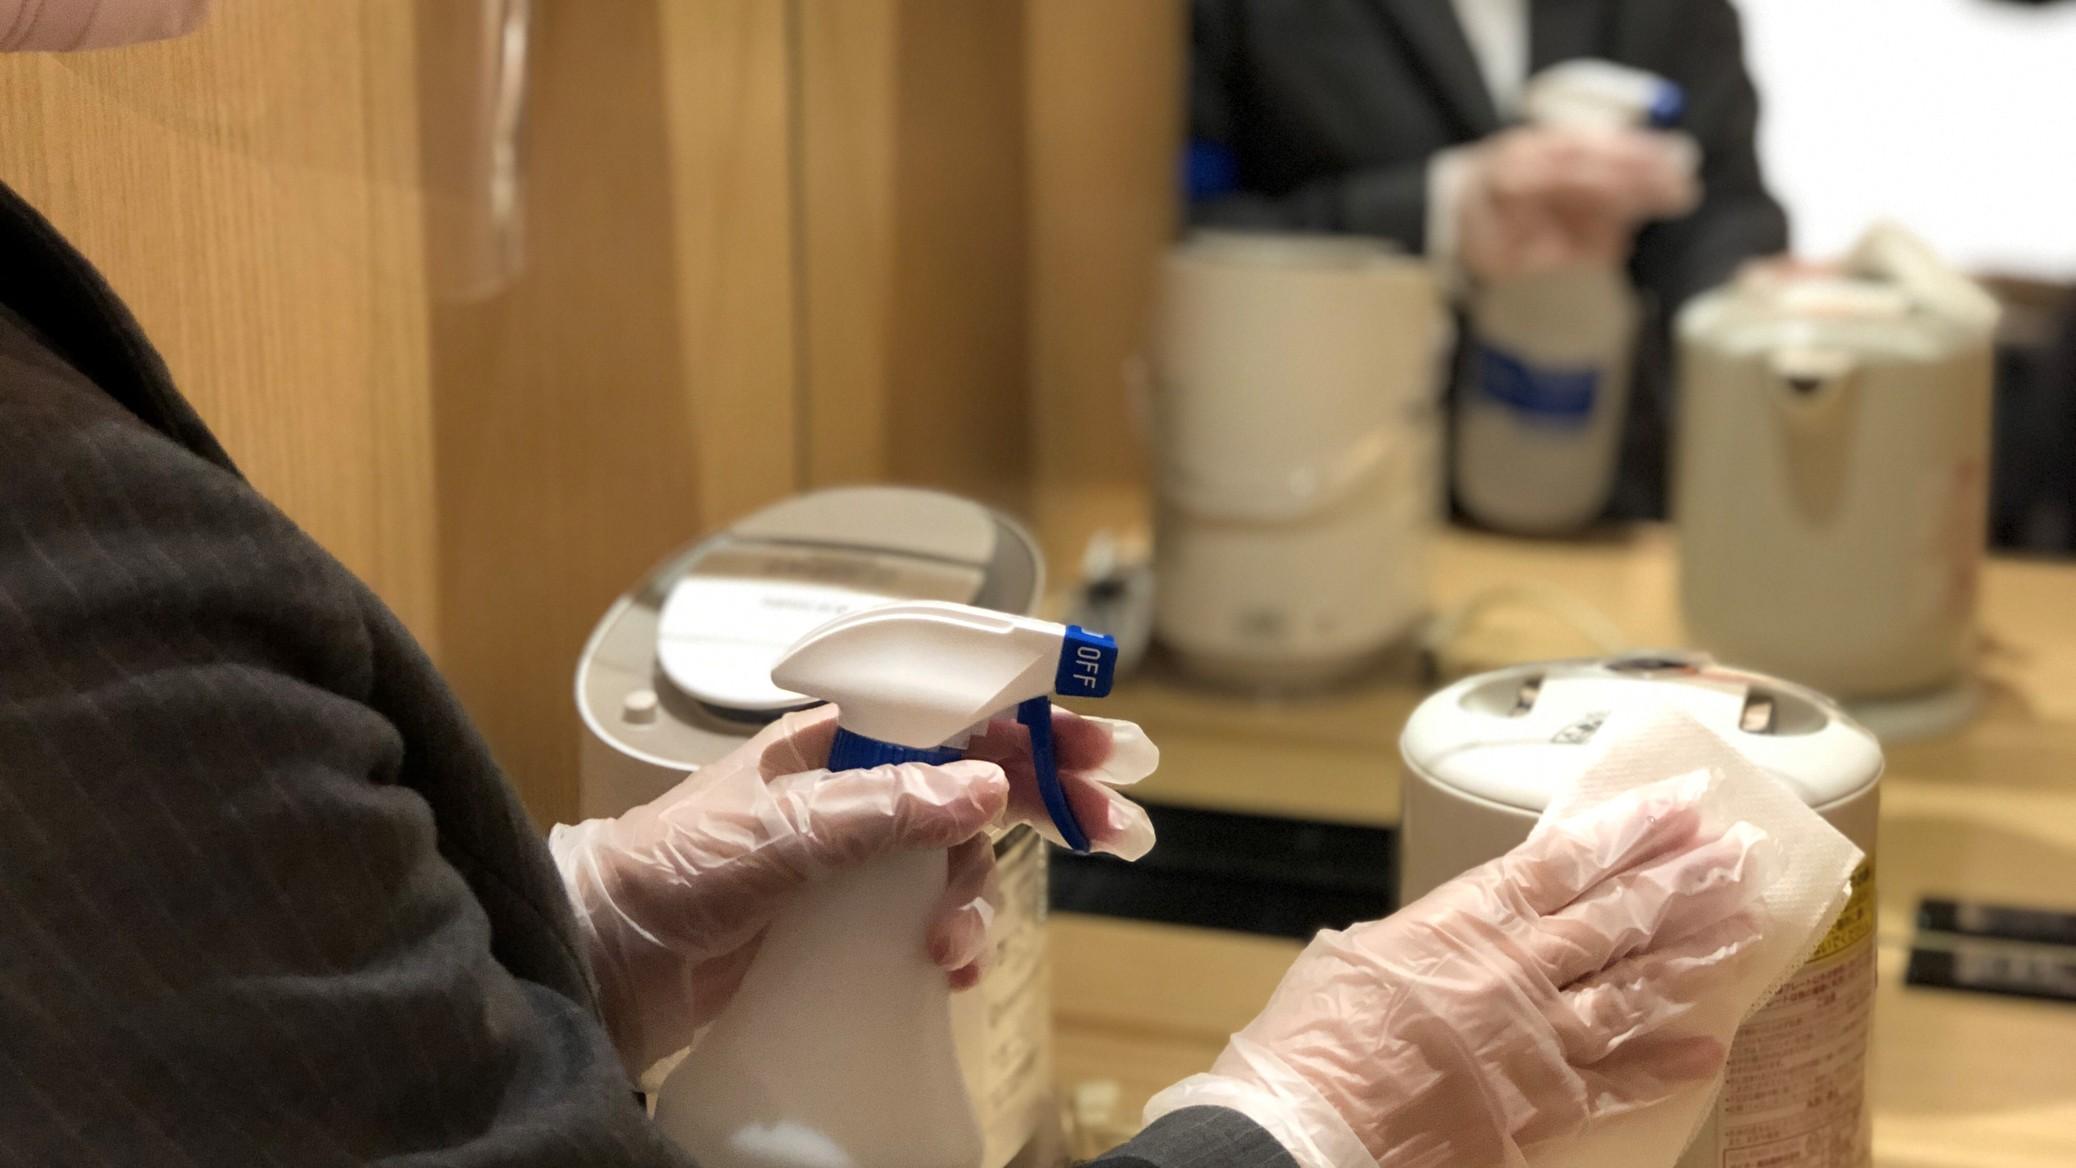 清掃完了後に客室備品等の除菌消毒を実施しております